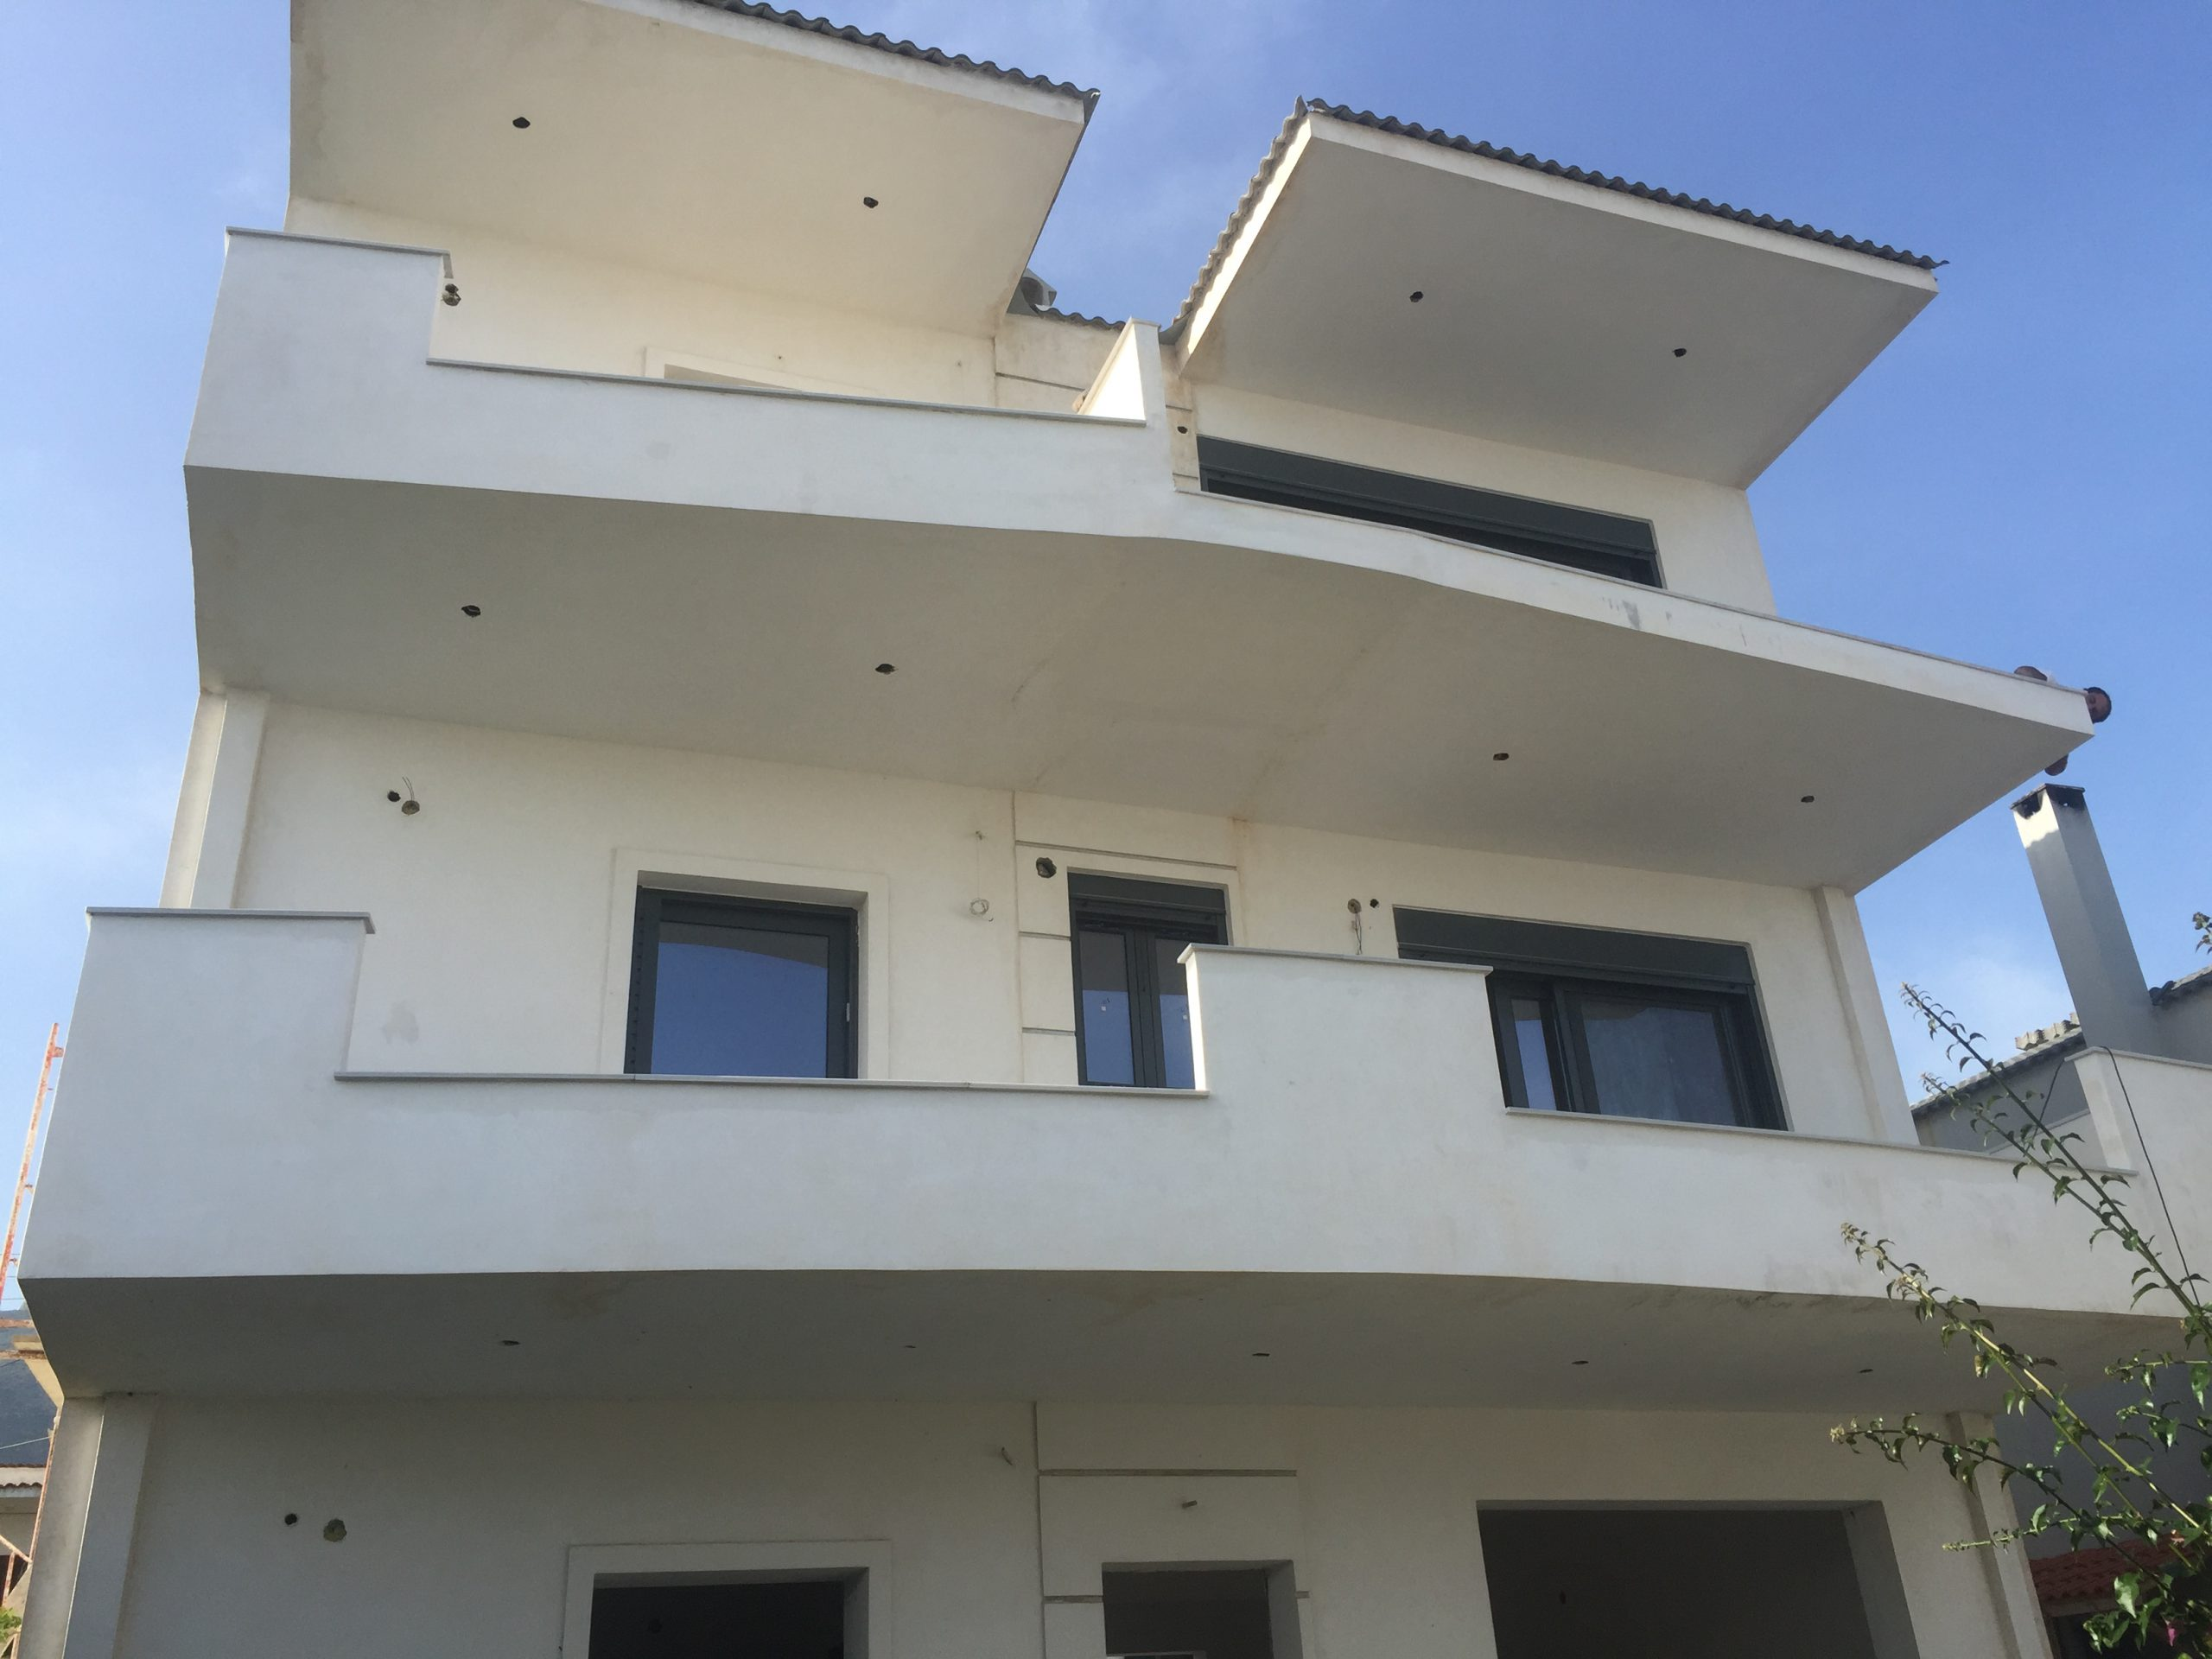 Συγκρότημα κατοικιών - Καμάρι Κορινθίας